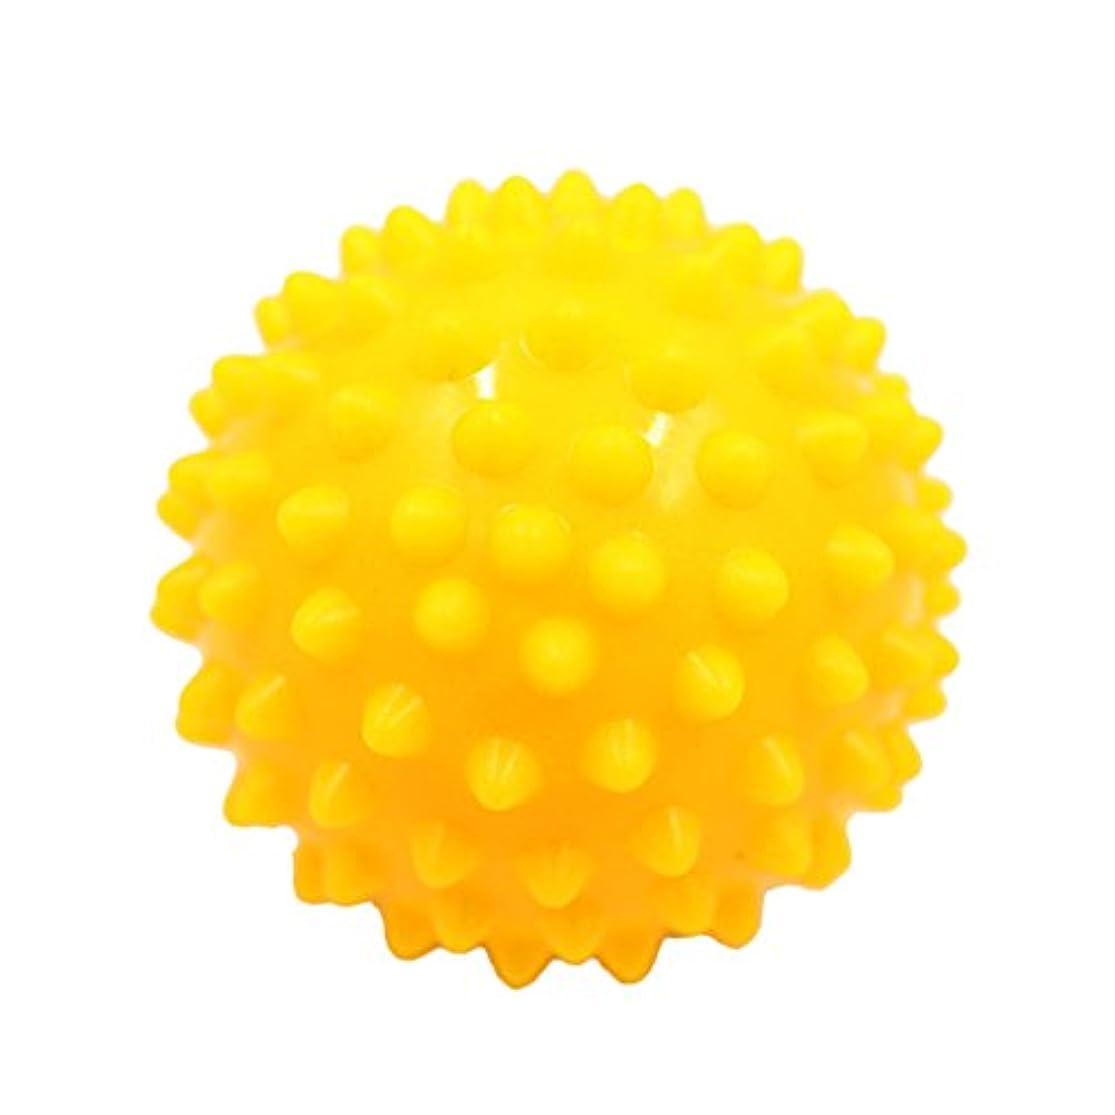 受け入れ南面積マッサージボール マッサージ器 ボディ スパイク マッサージ 刺激ボール 3色選べ - 黄, 説明したように